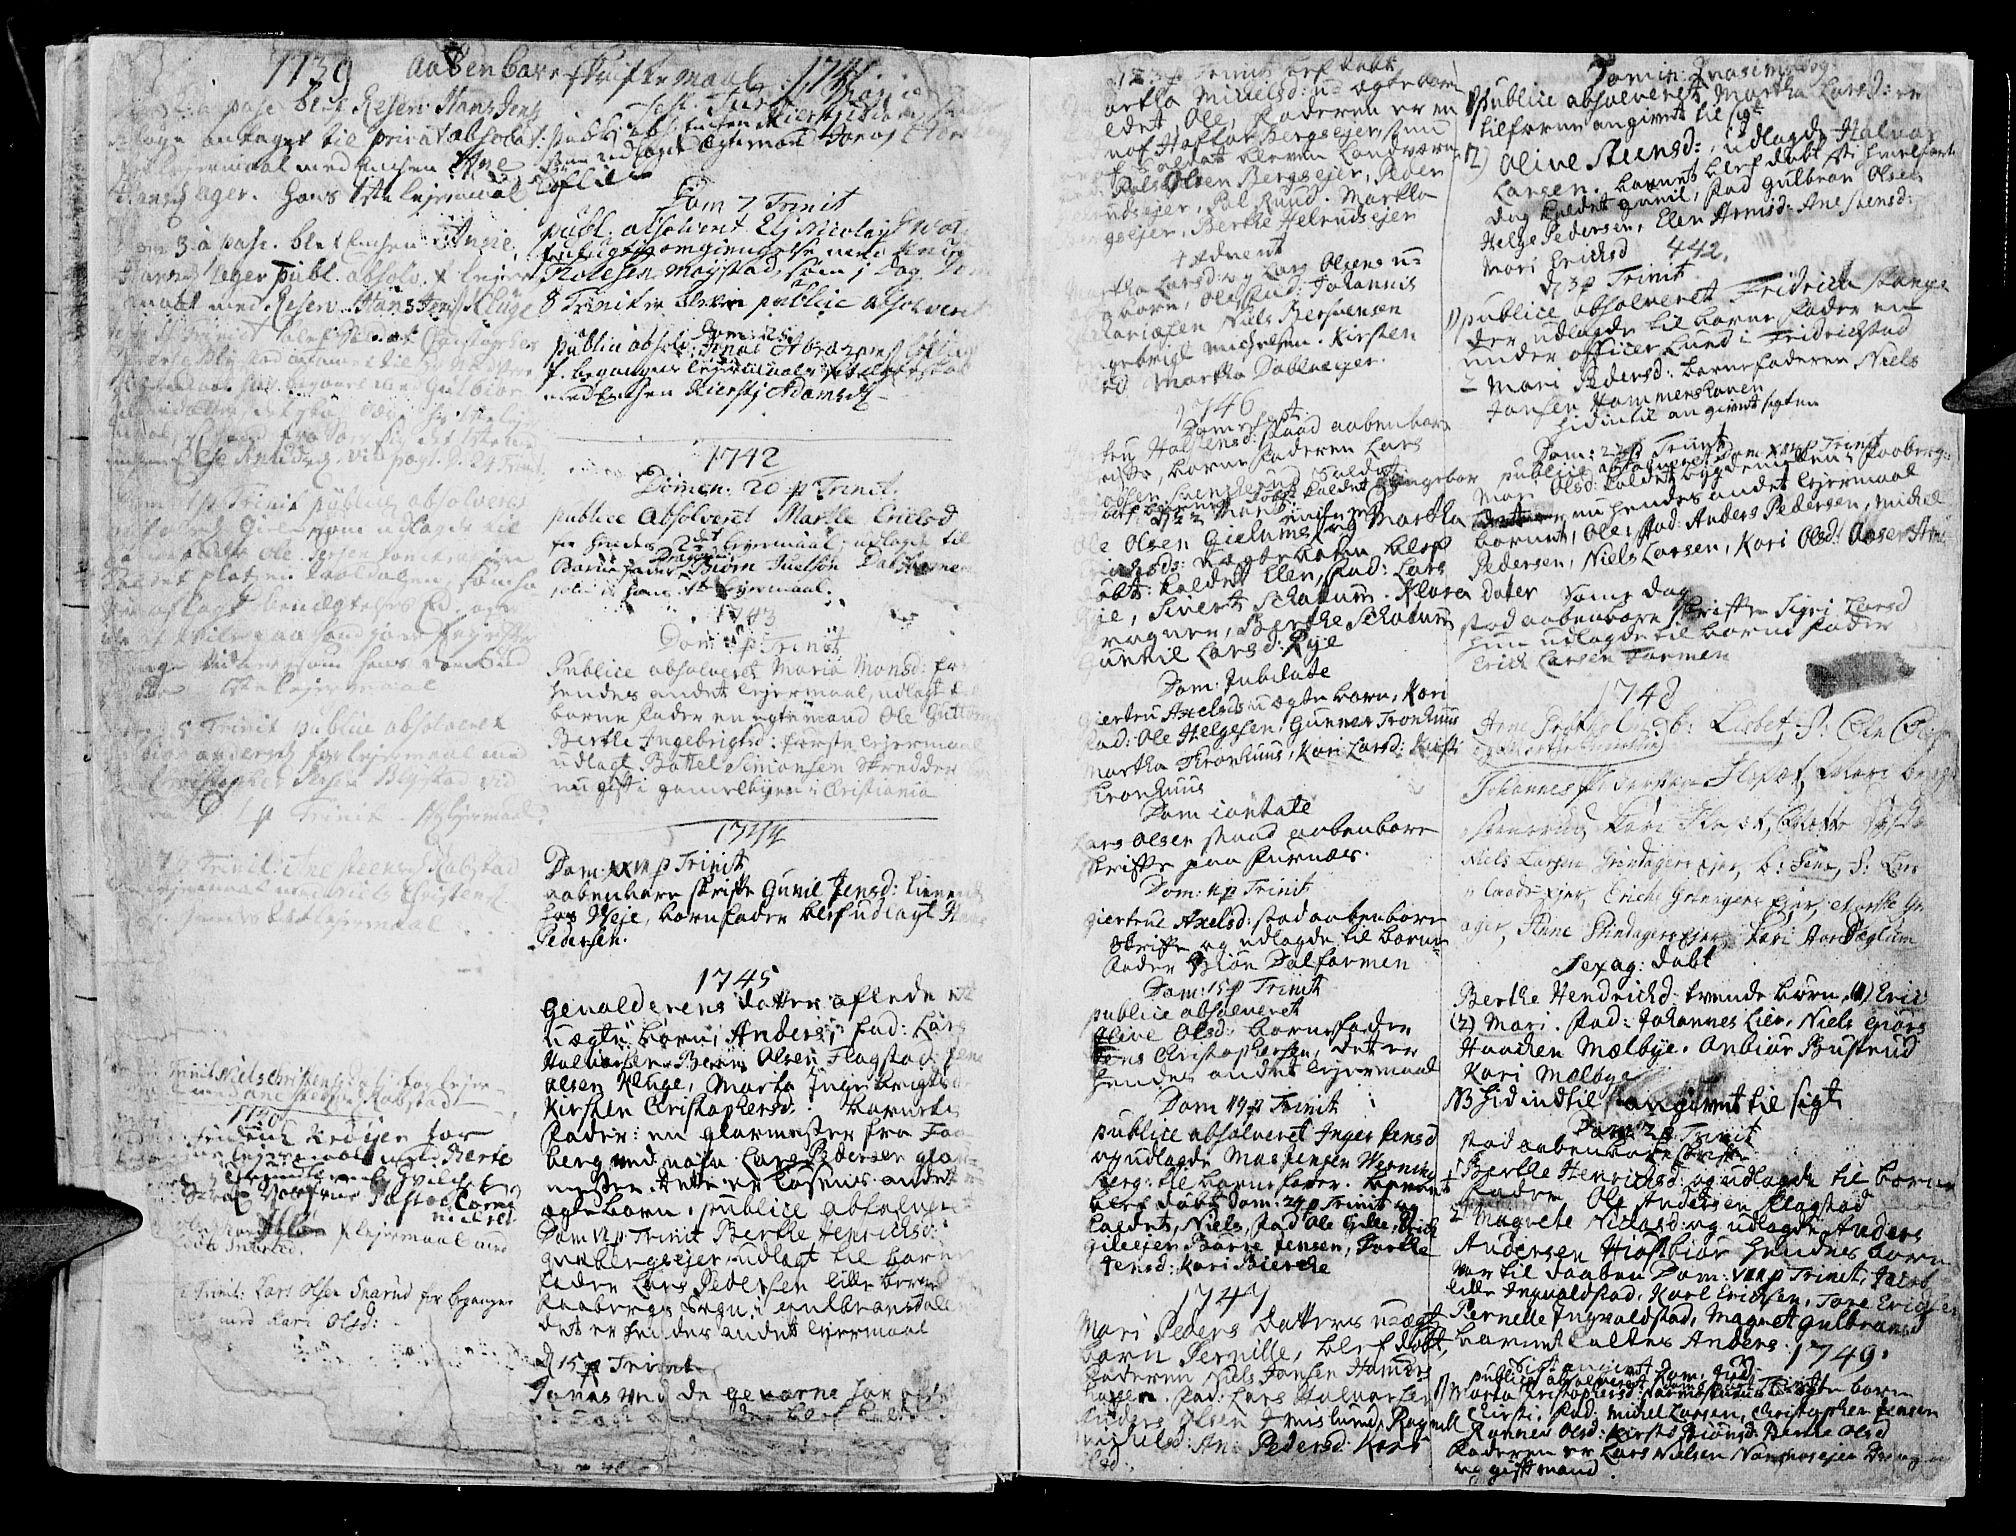 SAH, Vang prestekontor, Hedmark, H/Ha/Haa/L0003: Ministerialbok nr. 3, 1734-1809, s. 442